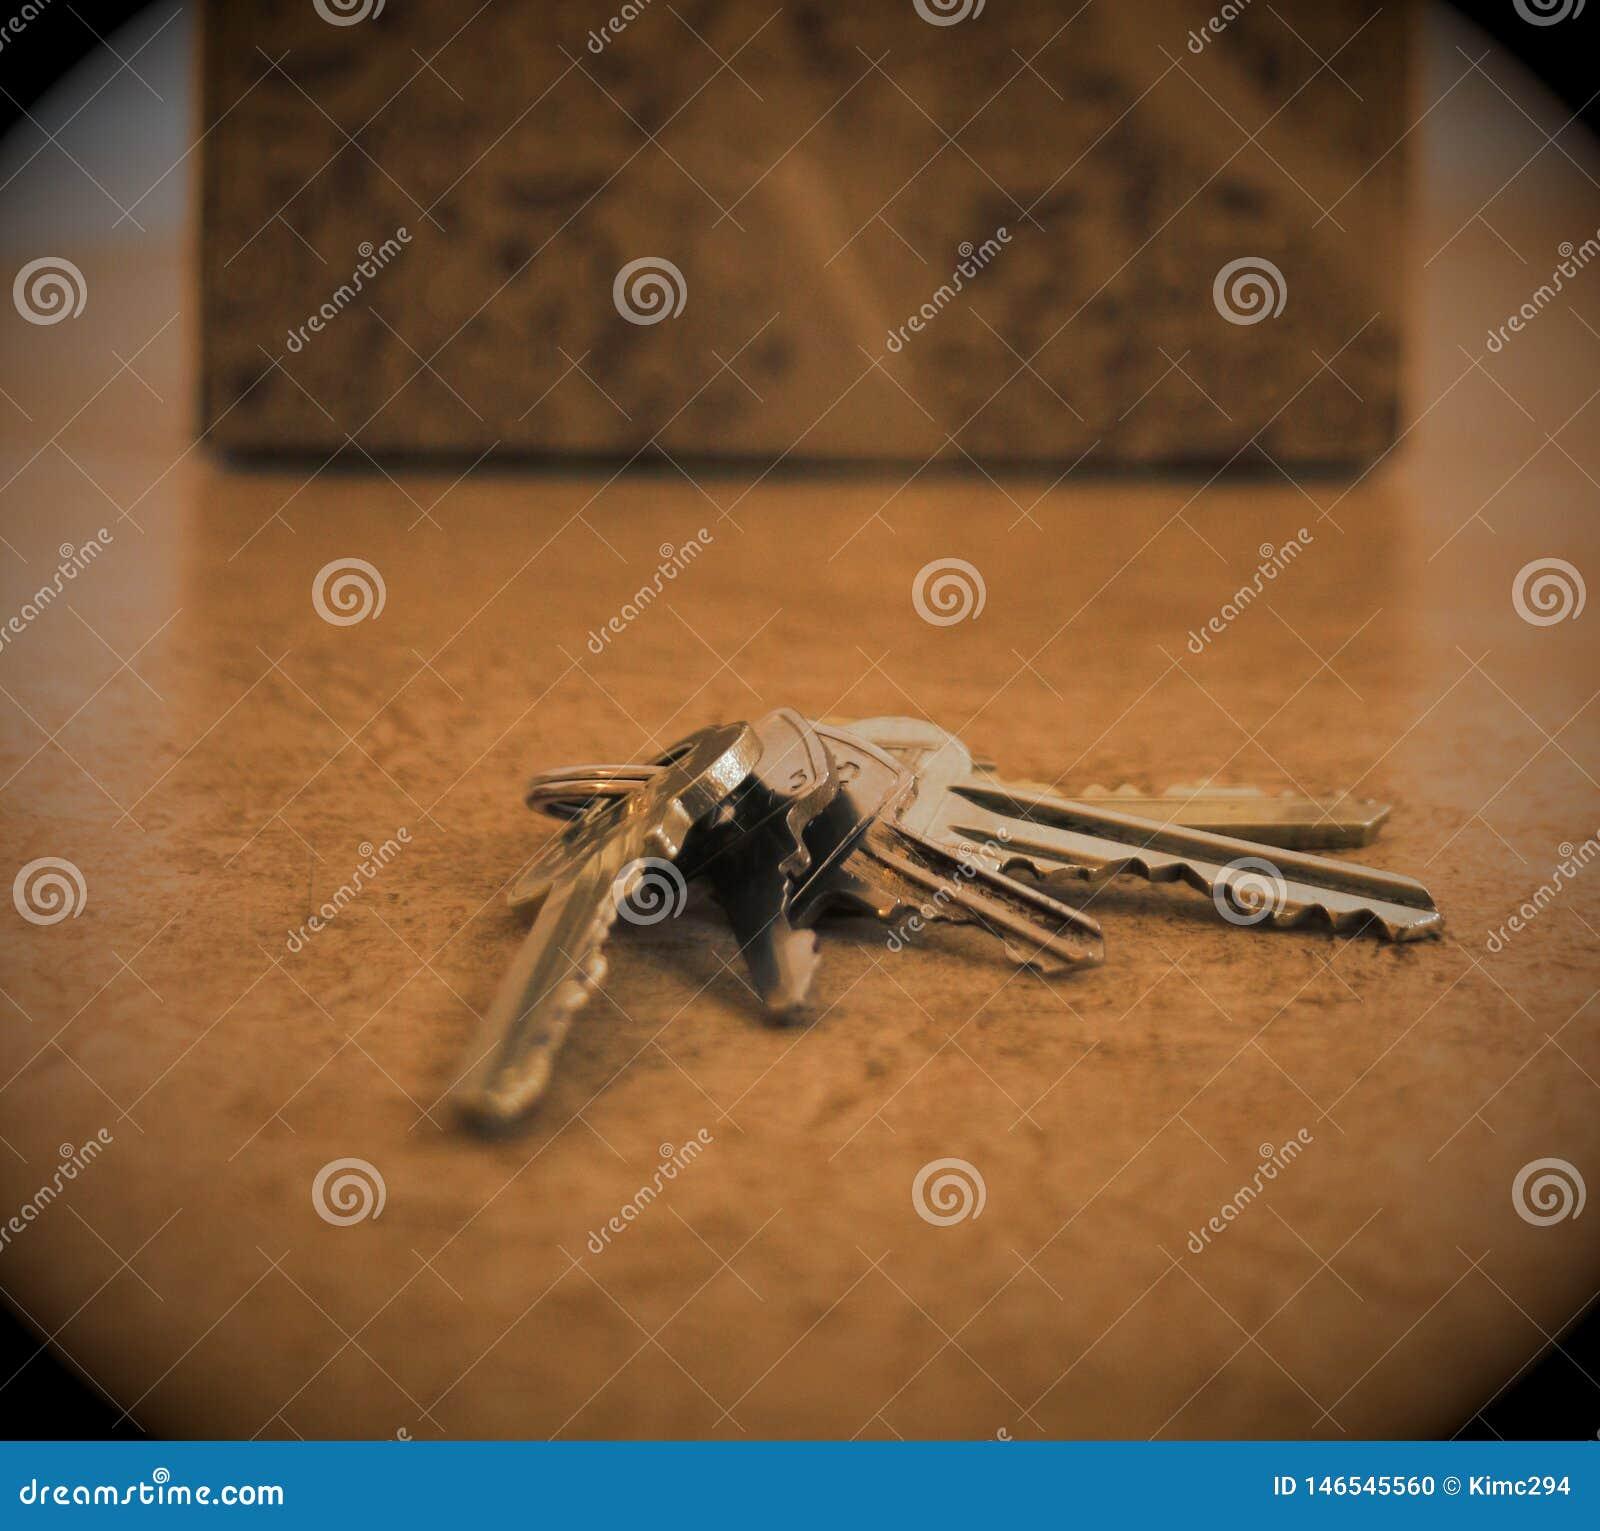 Uma porta-chaves com diversas chaves está encontrando-se em um assoalho do apartamento na frente de uma caixa de cartão